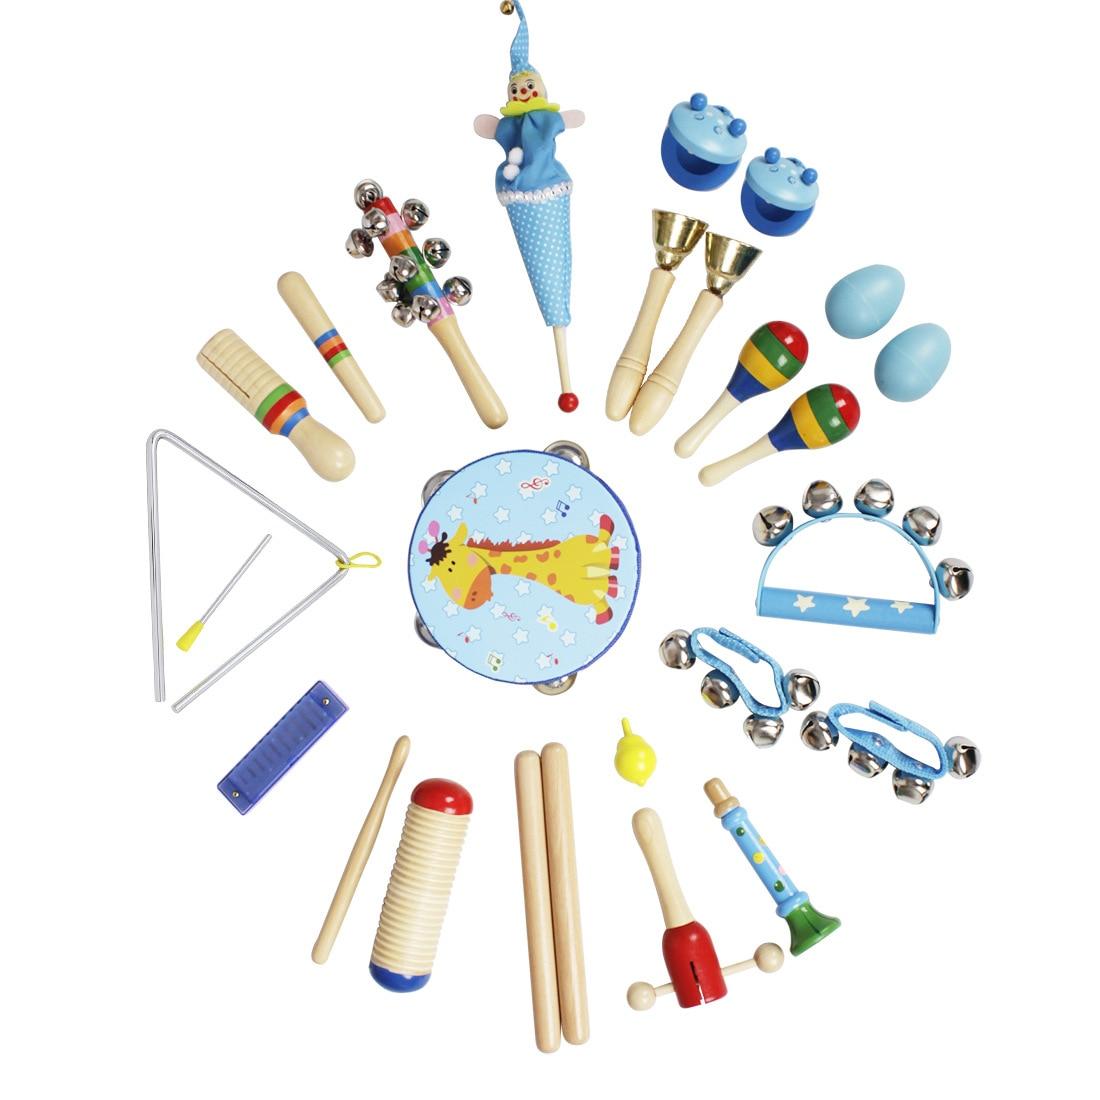 23 pièces matériel éducatif en bois tambours à Percussion ensemble d'instruments de musique cloche enfants développement Intelligent bébé jouets